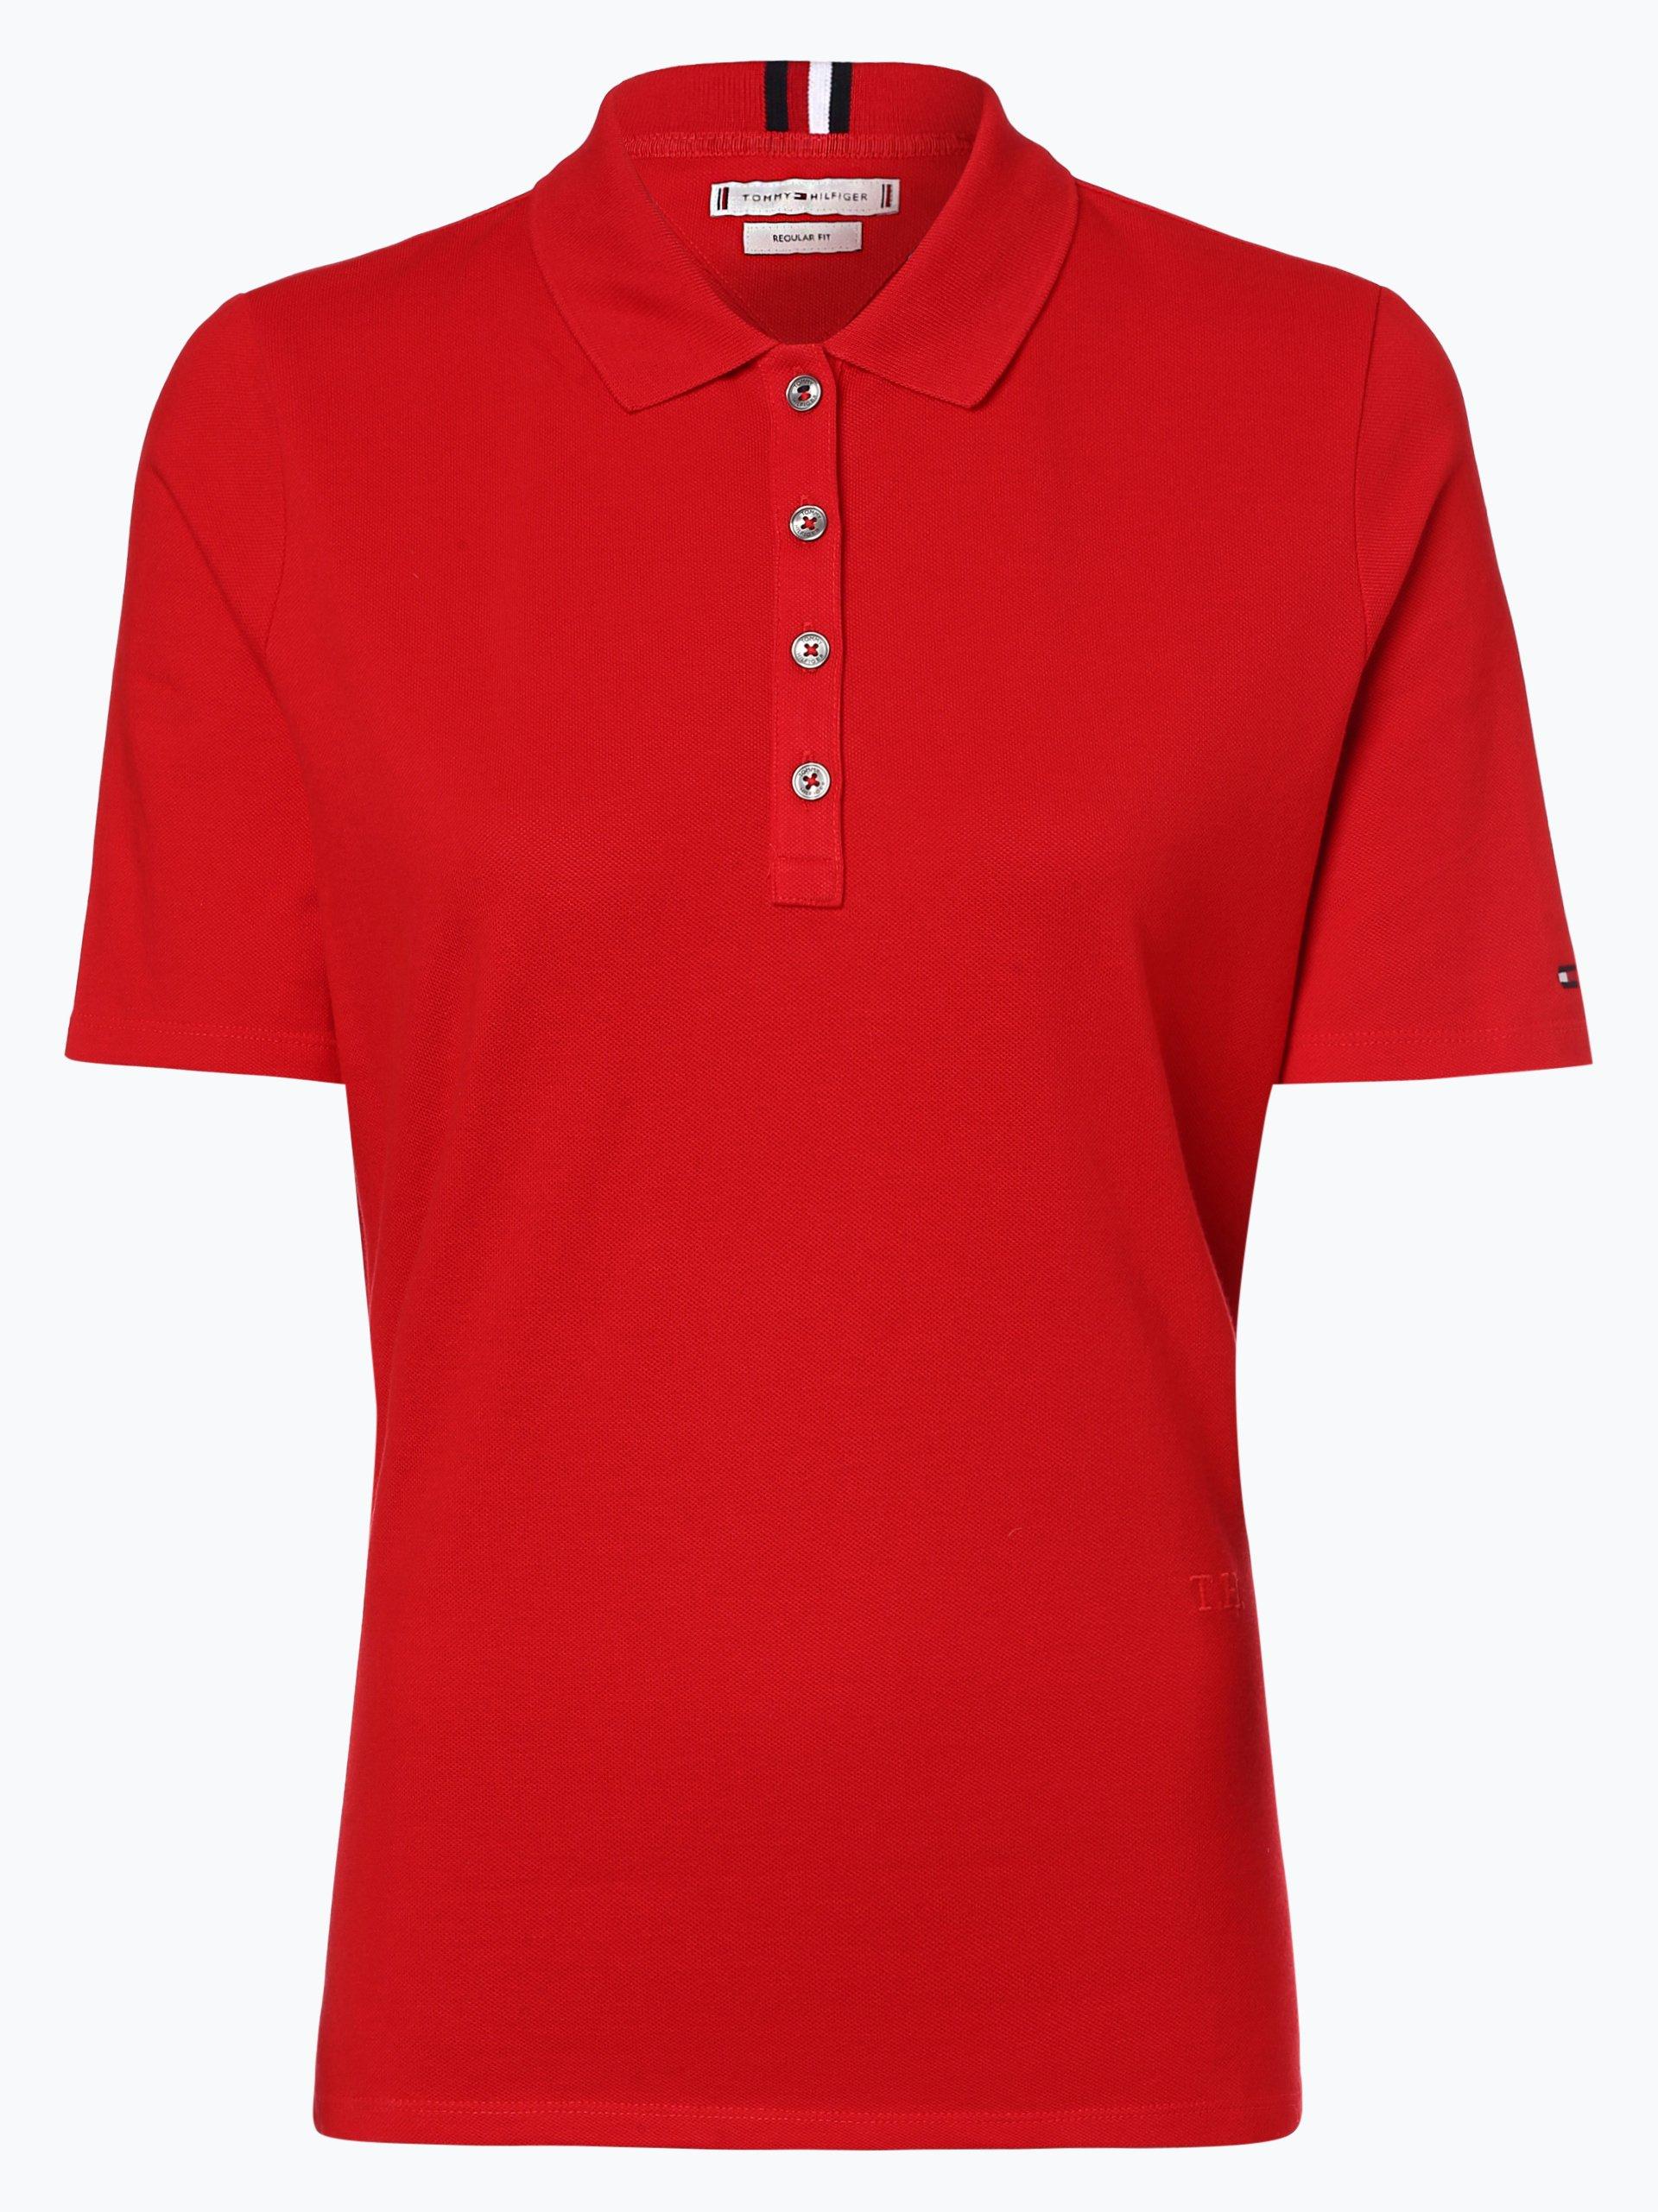 Tommy Hilfiger Damen Poloshirt